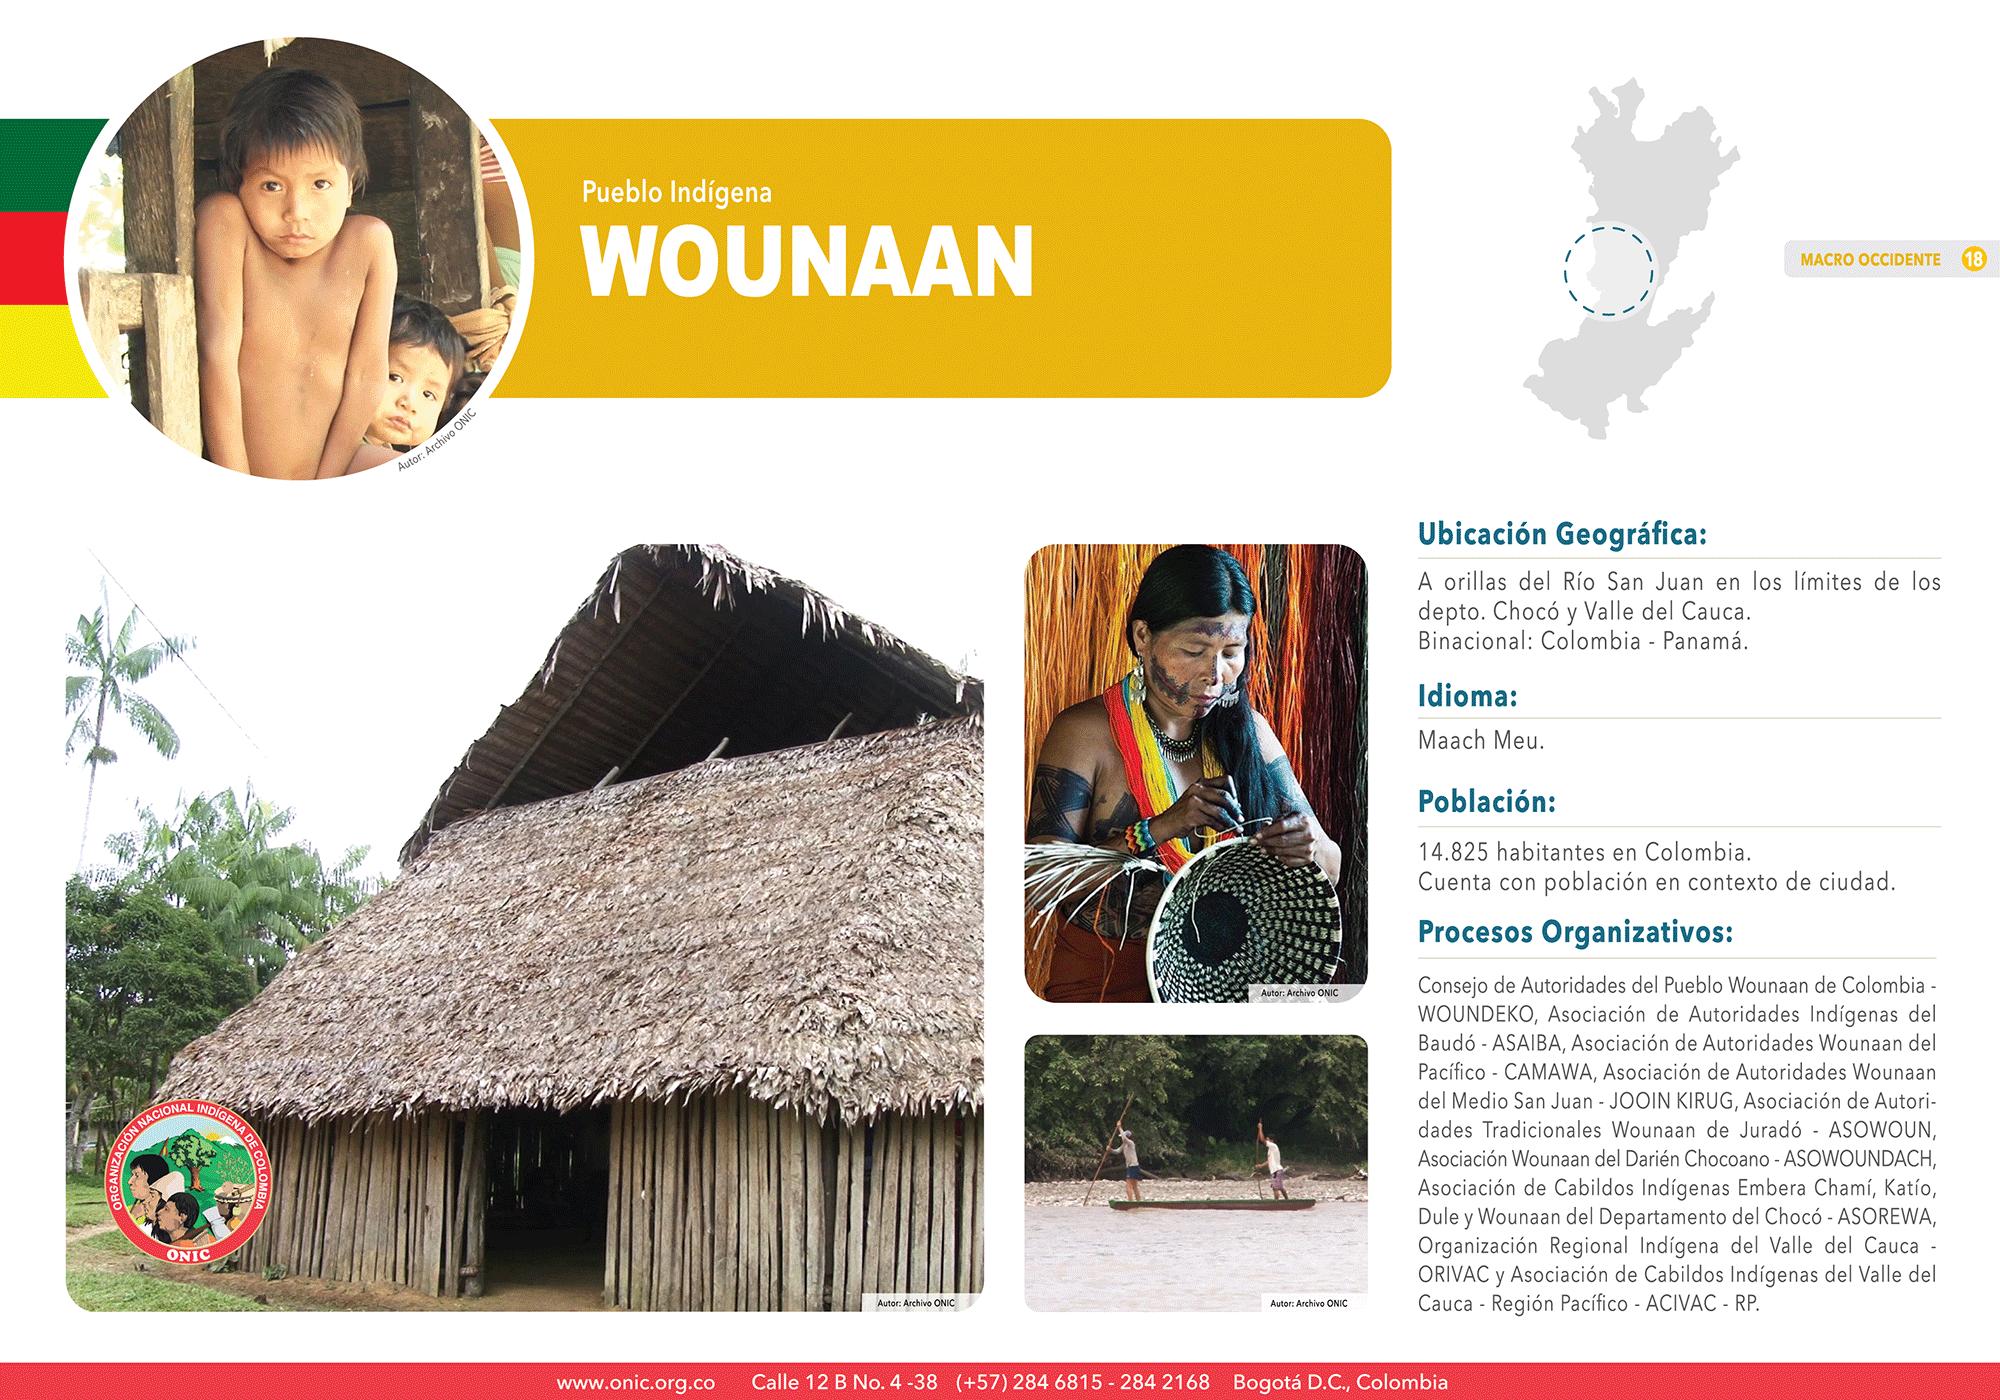 18-WOUNAAN-FichaDigital-PueblosIndígenas-ONIC-01